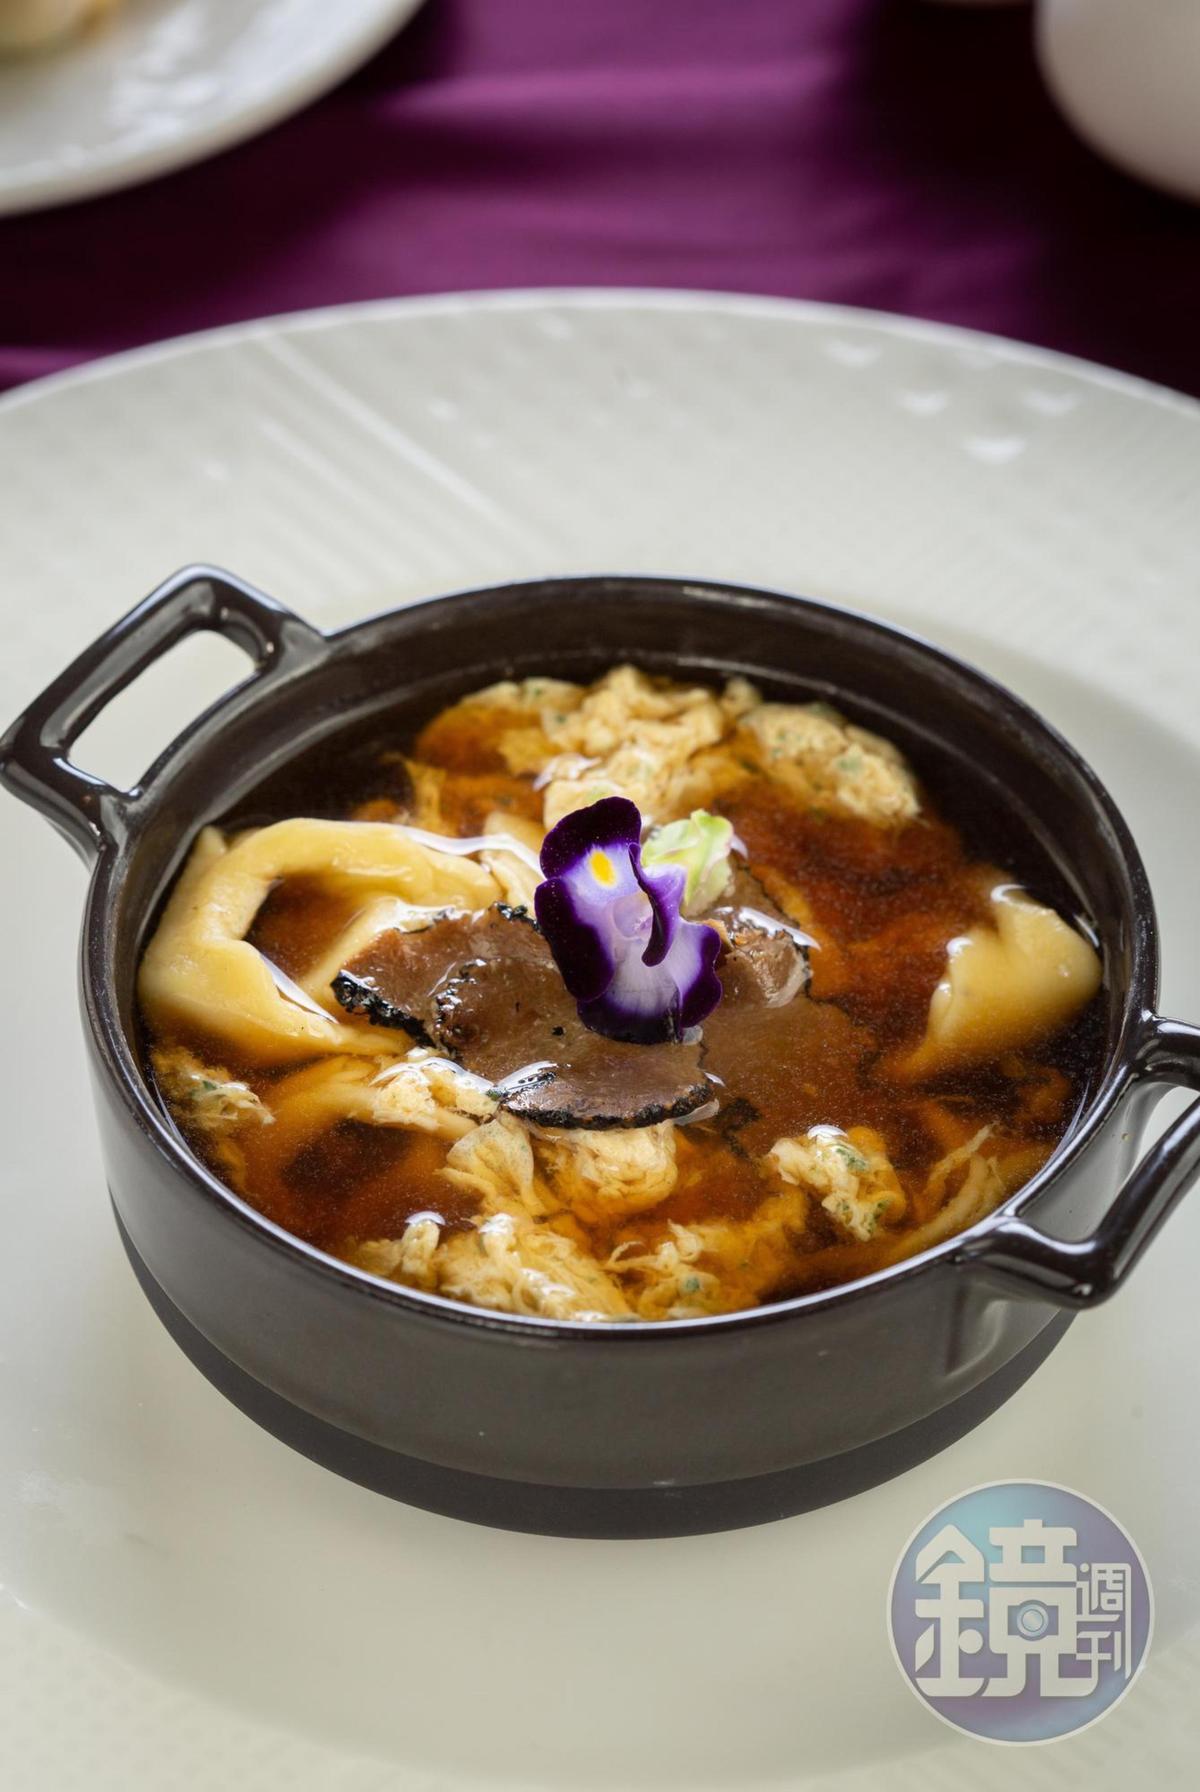 「澄清雞湯佐義大利卡珮萊蒂餃子」以奶奶的家常菜加入創意,在澄清高湯加進折起來像小帽子的卡珮萊蒂餃(Cappelletti)。(3,580元套餐菜色)